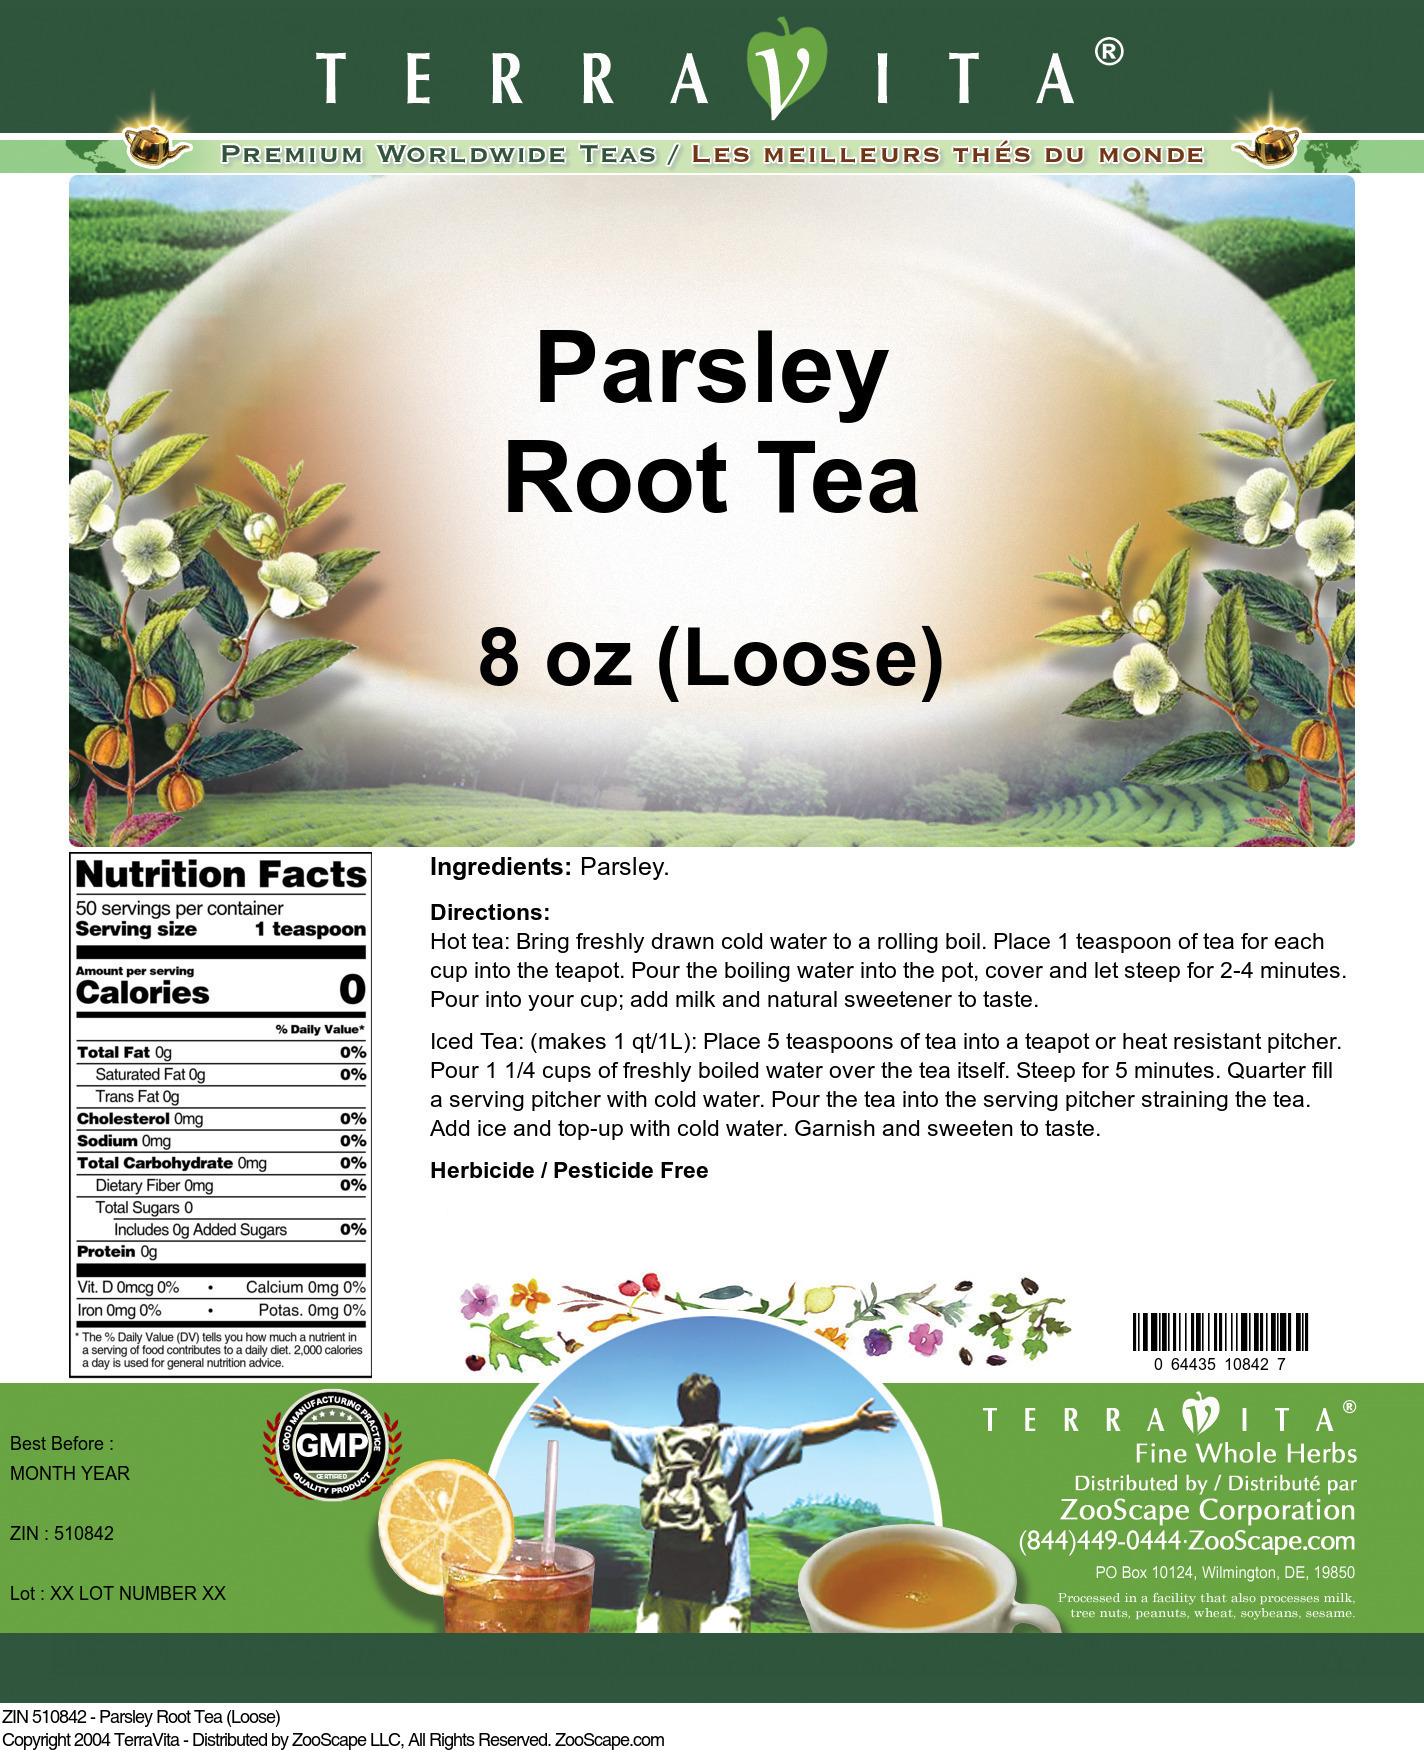 Parsley Root Tea (Loose)